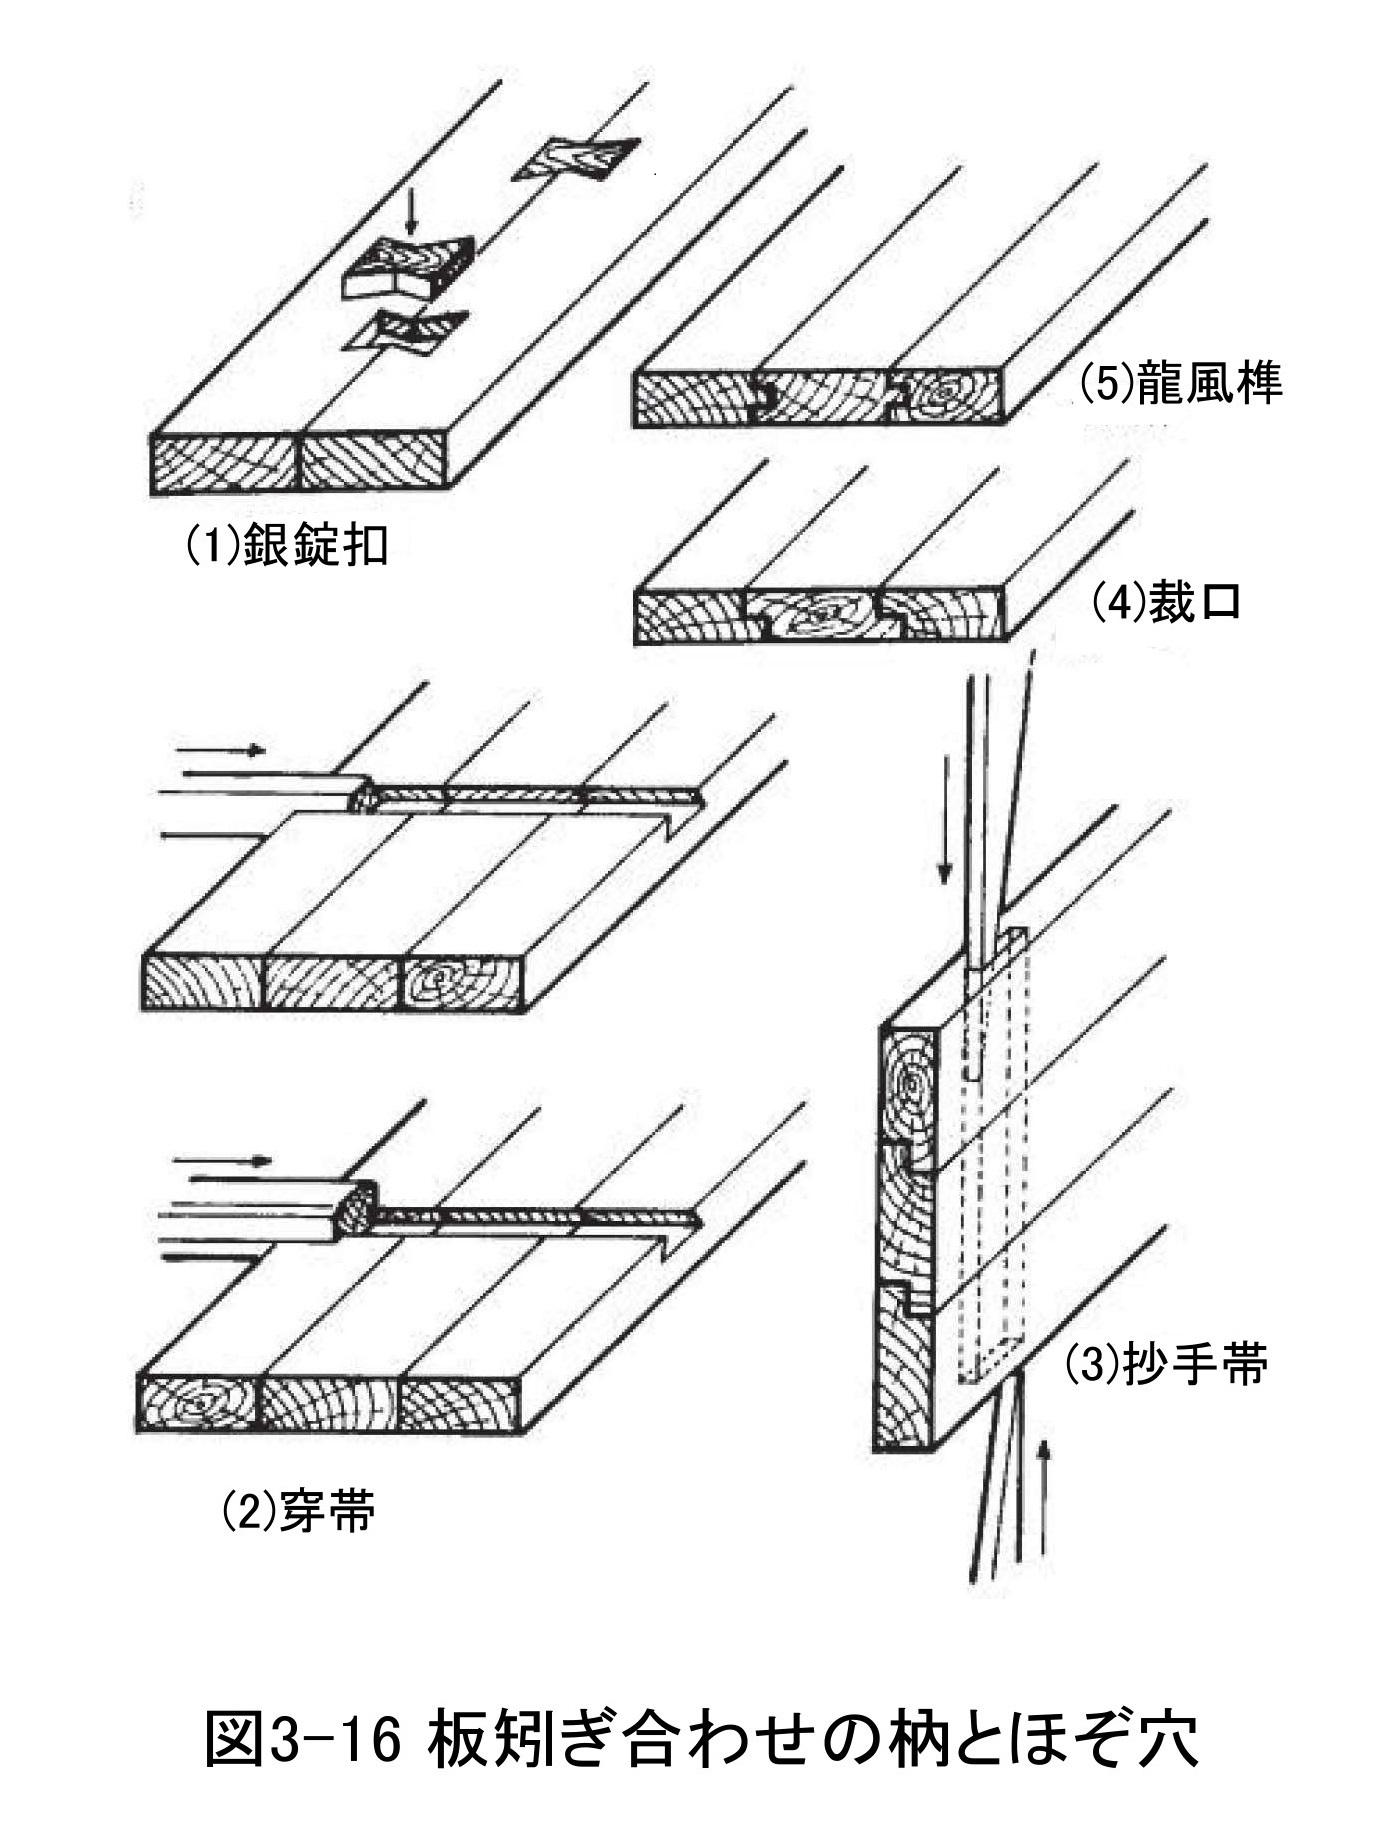 267 中国古建築のほぞと継ぎ手(2)_e0309314_23055775.jpg